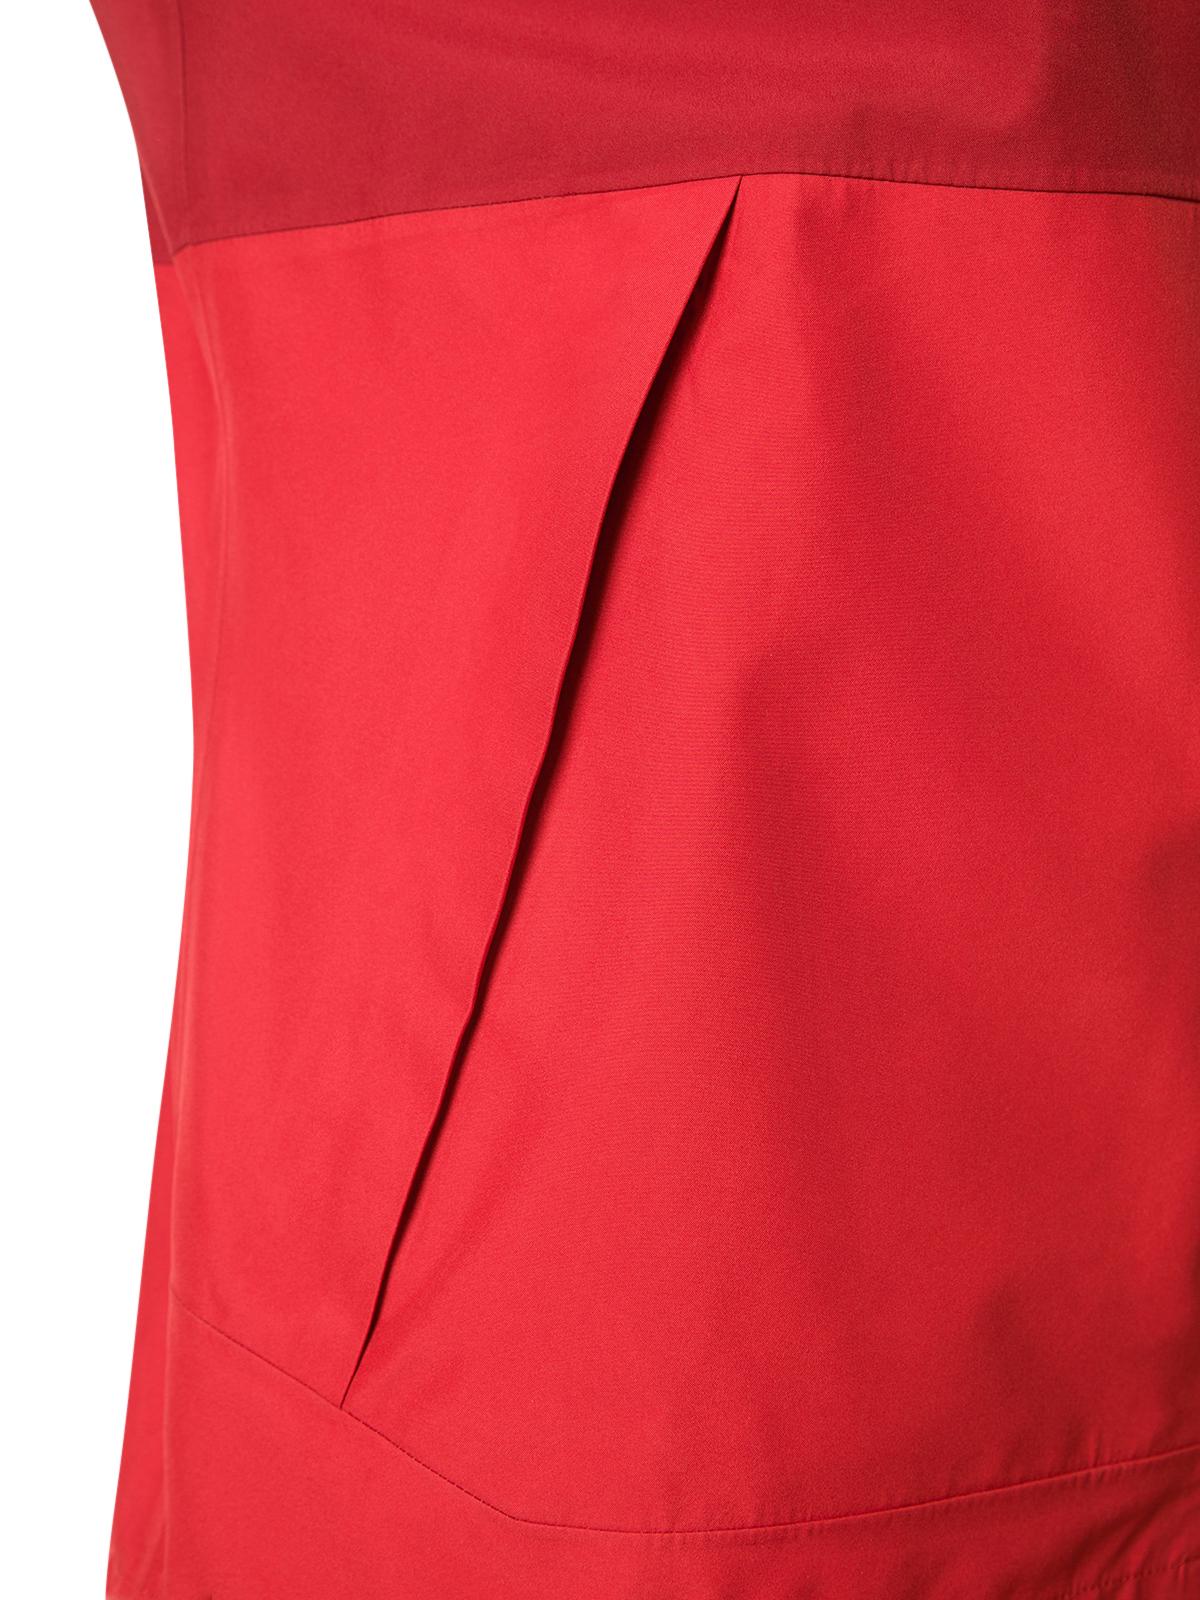 berghaus-ROSVIK long side front pockets